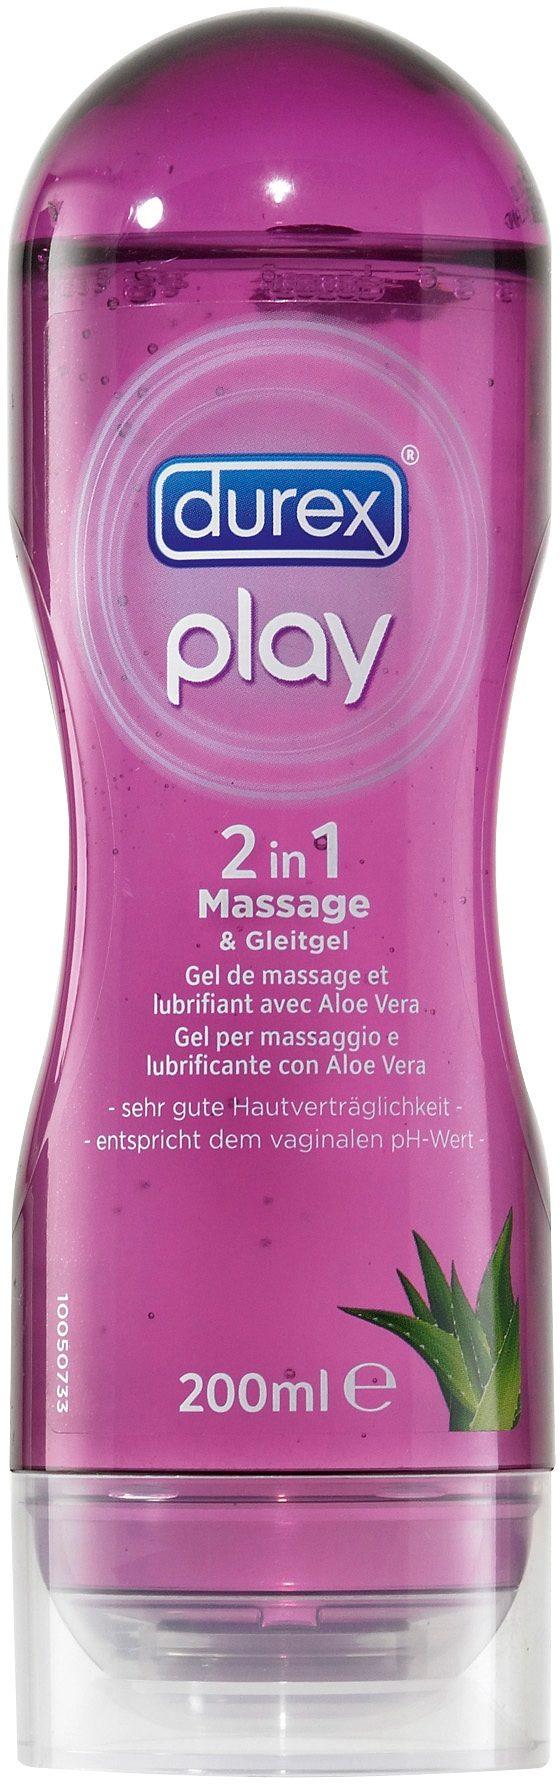 Durex wasserbasiertes Gleit- und Massagegel »2 in 1 Massage«